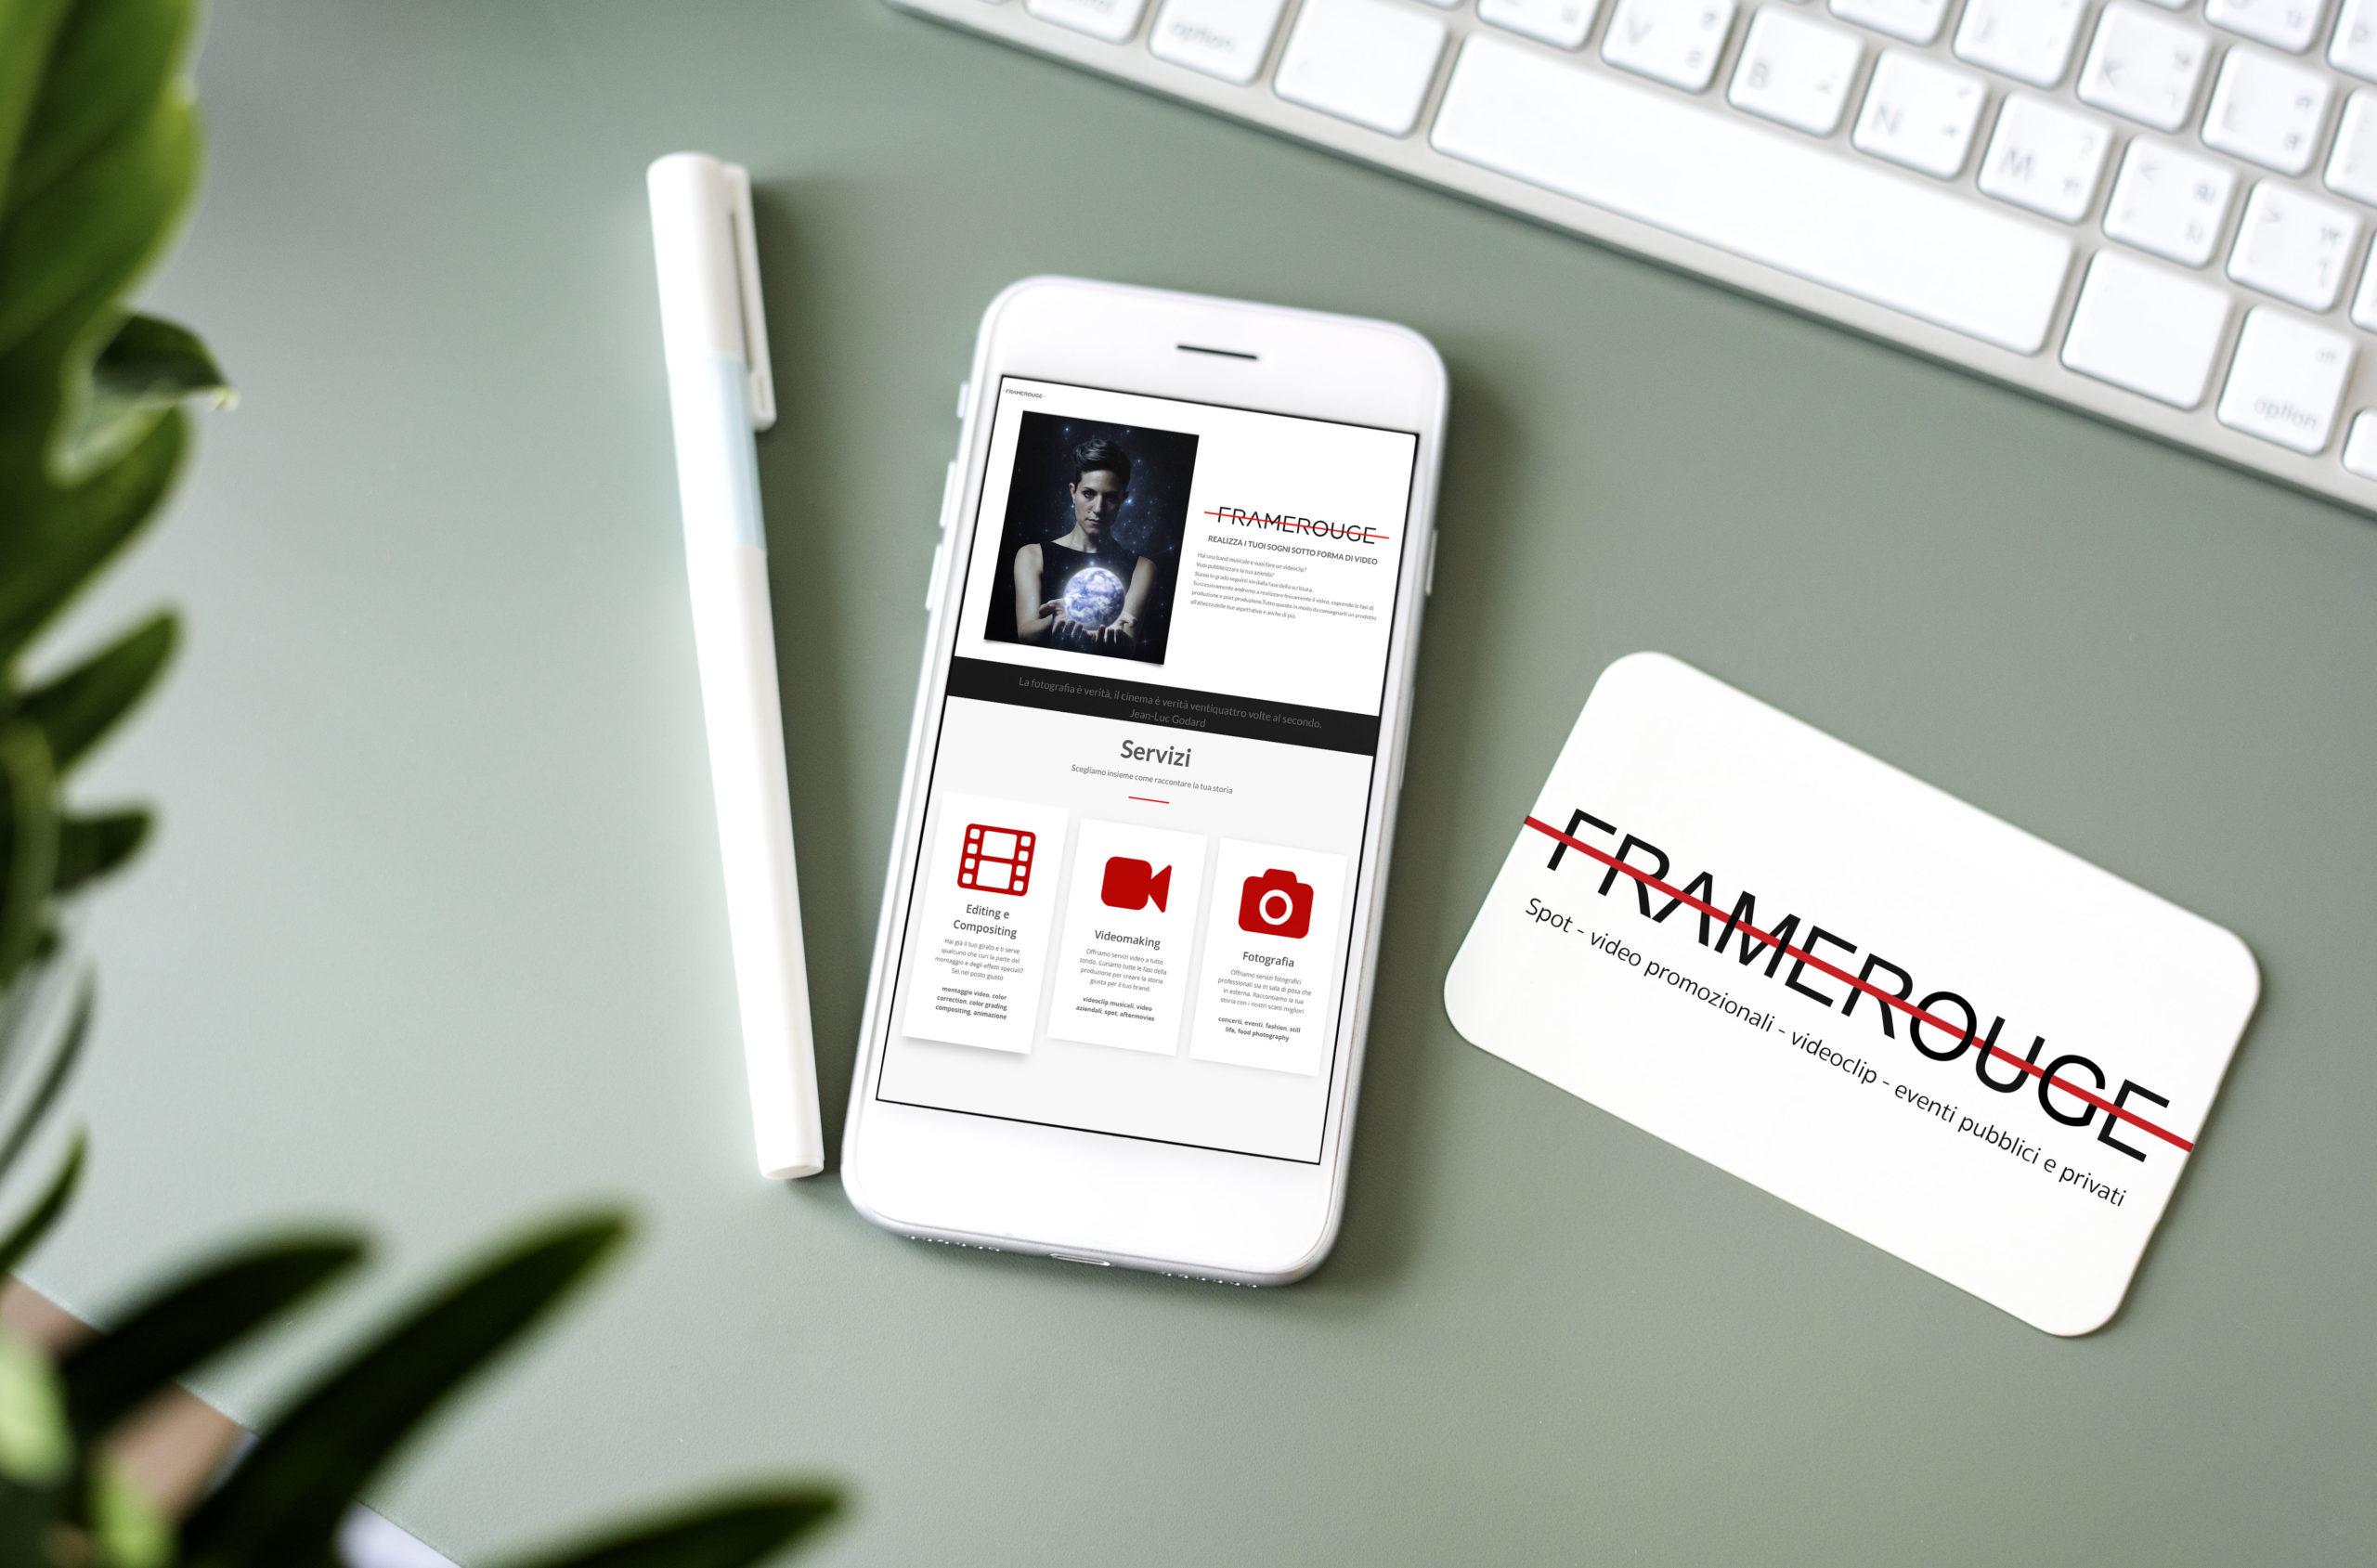 Framerouge